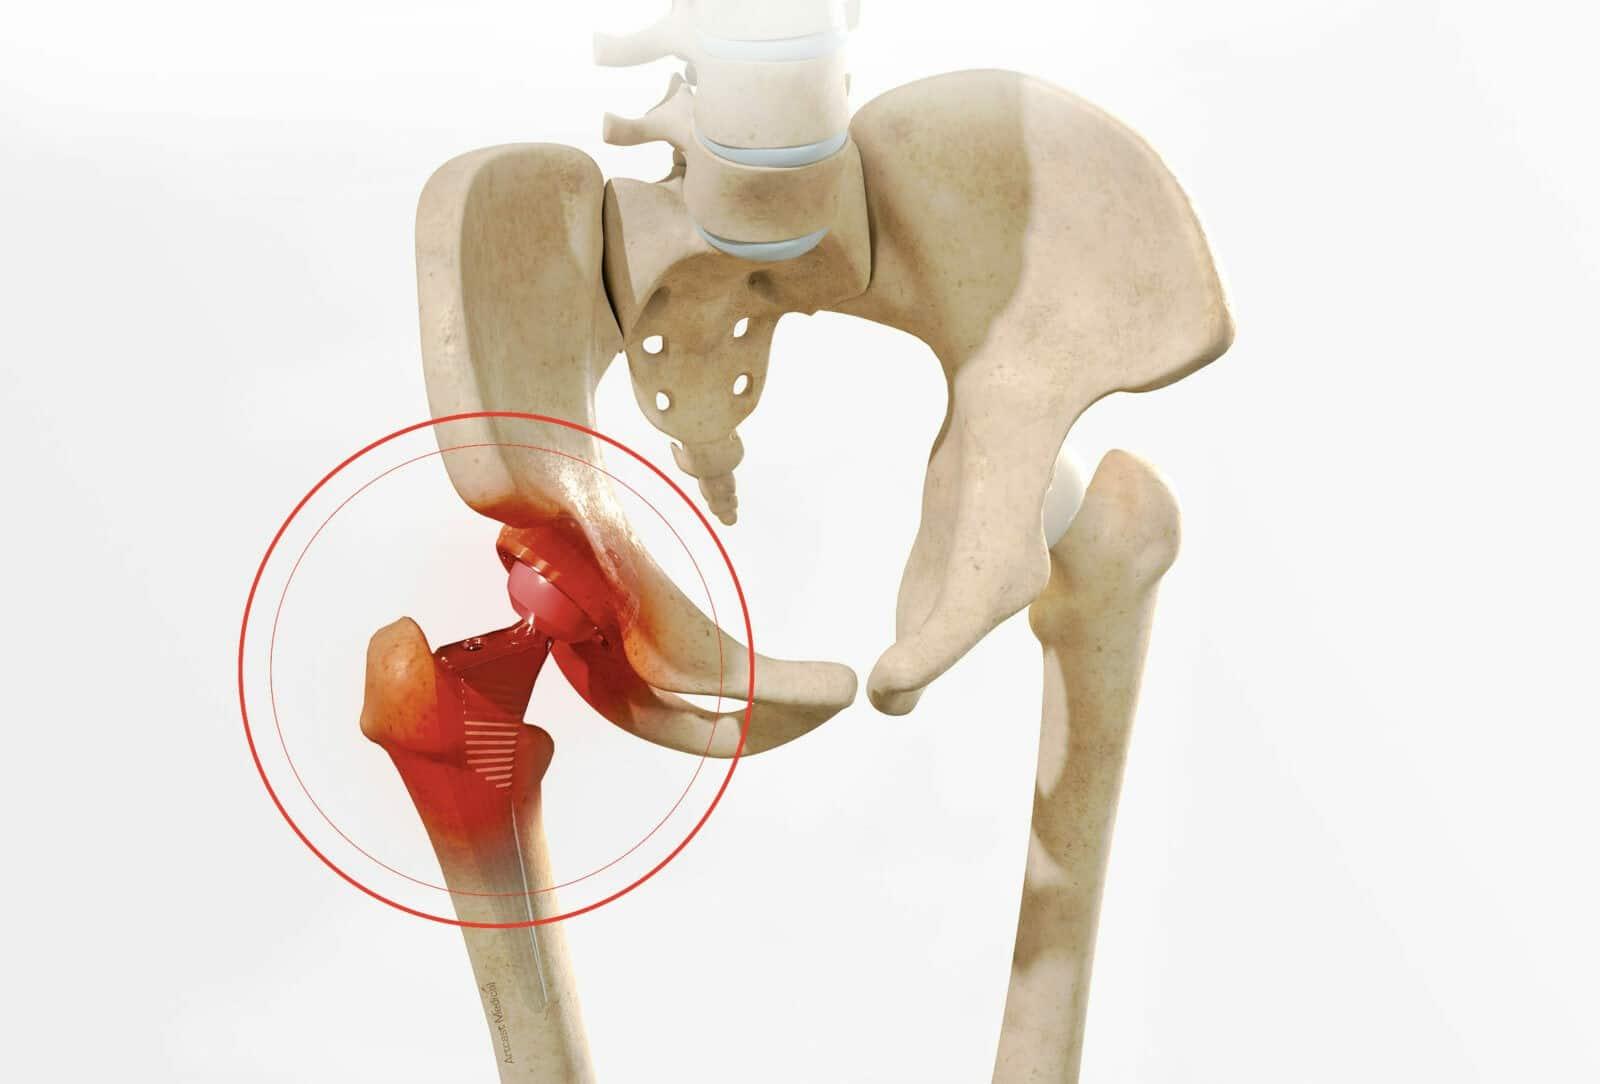 Prothèse totale de la hanche: La reprise de prothèse de hanche par dr Paillard à Paris